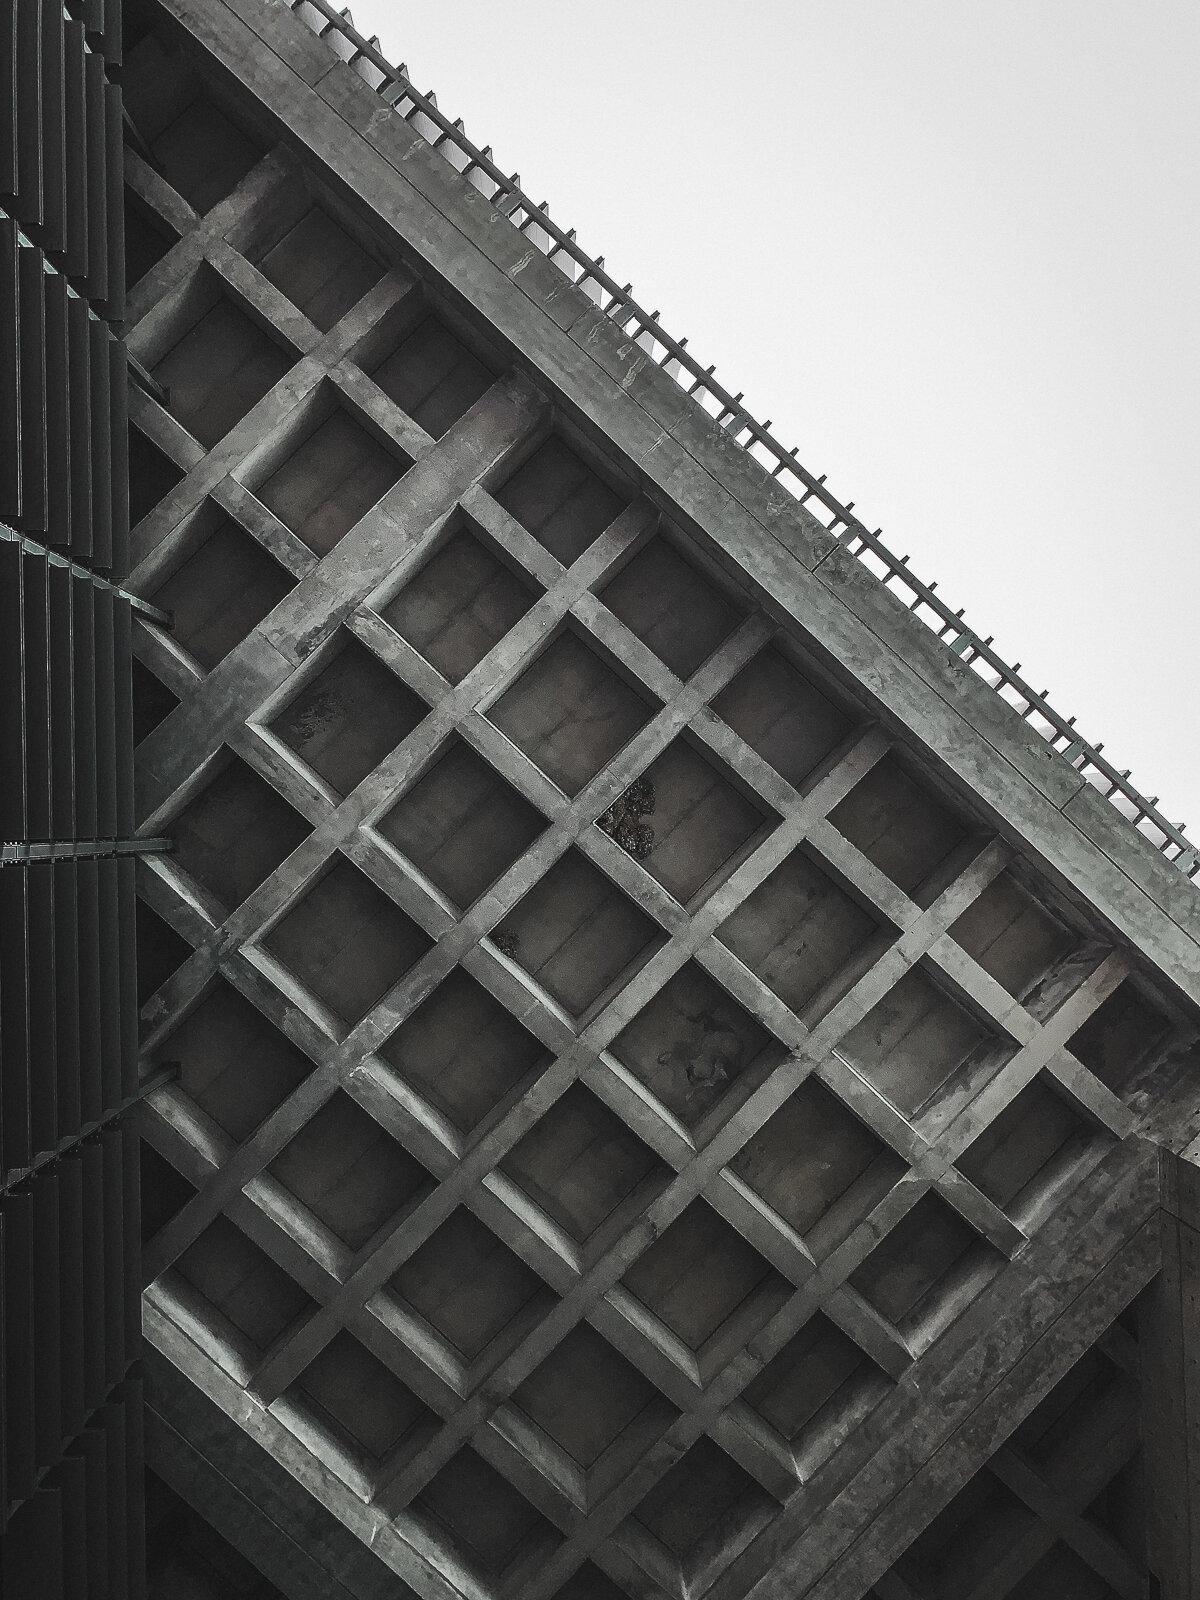 Sep. 2019 建築空間攝影工作坊進階班 - iPhone XS Max - Yes! Please Enjoy by Fanning Tseng-2.jpg